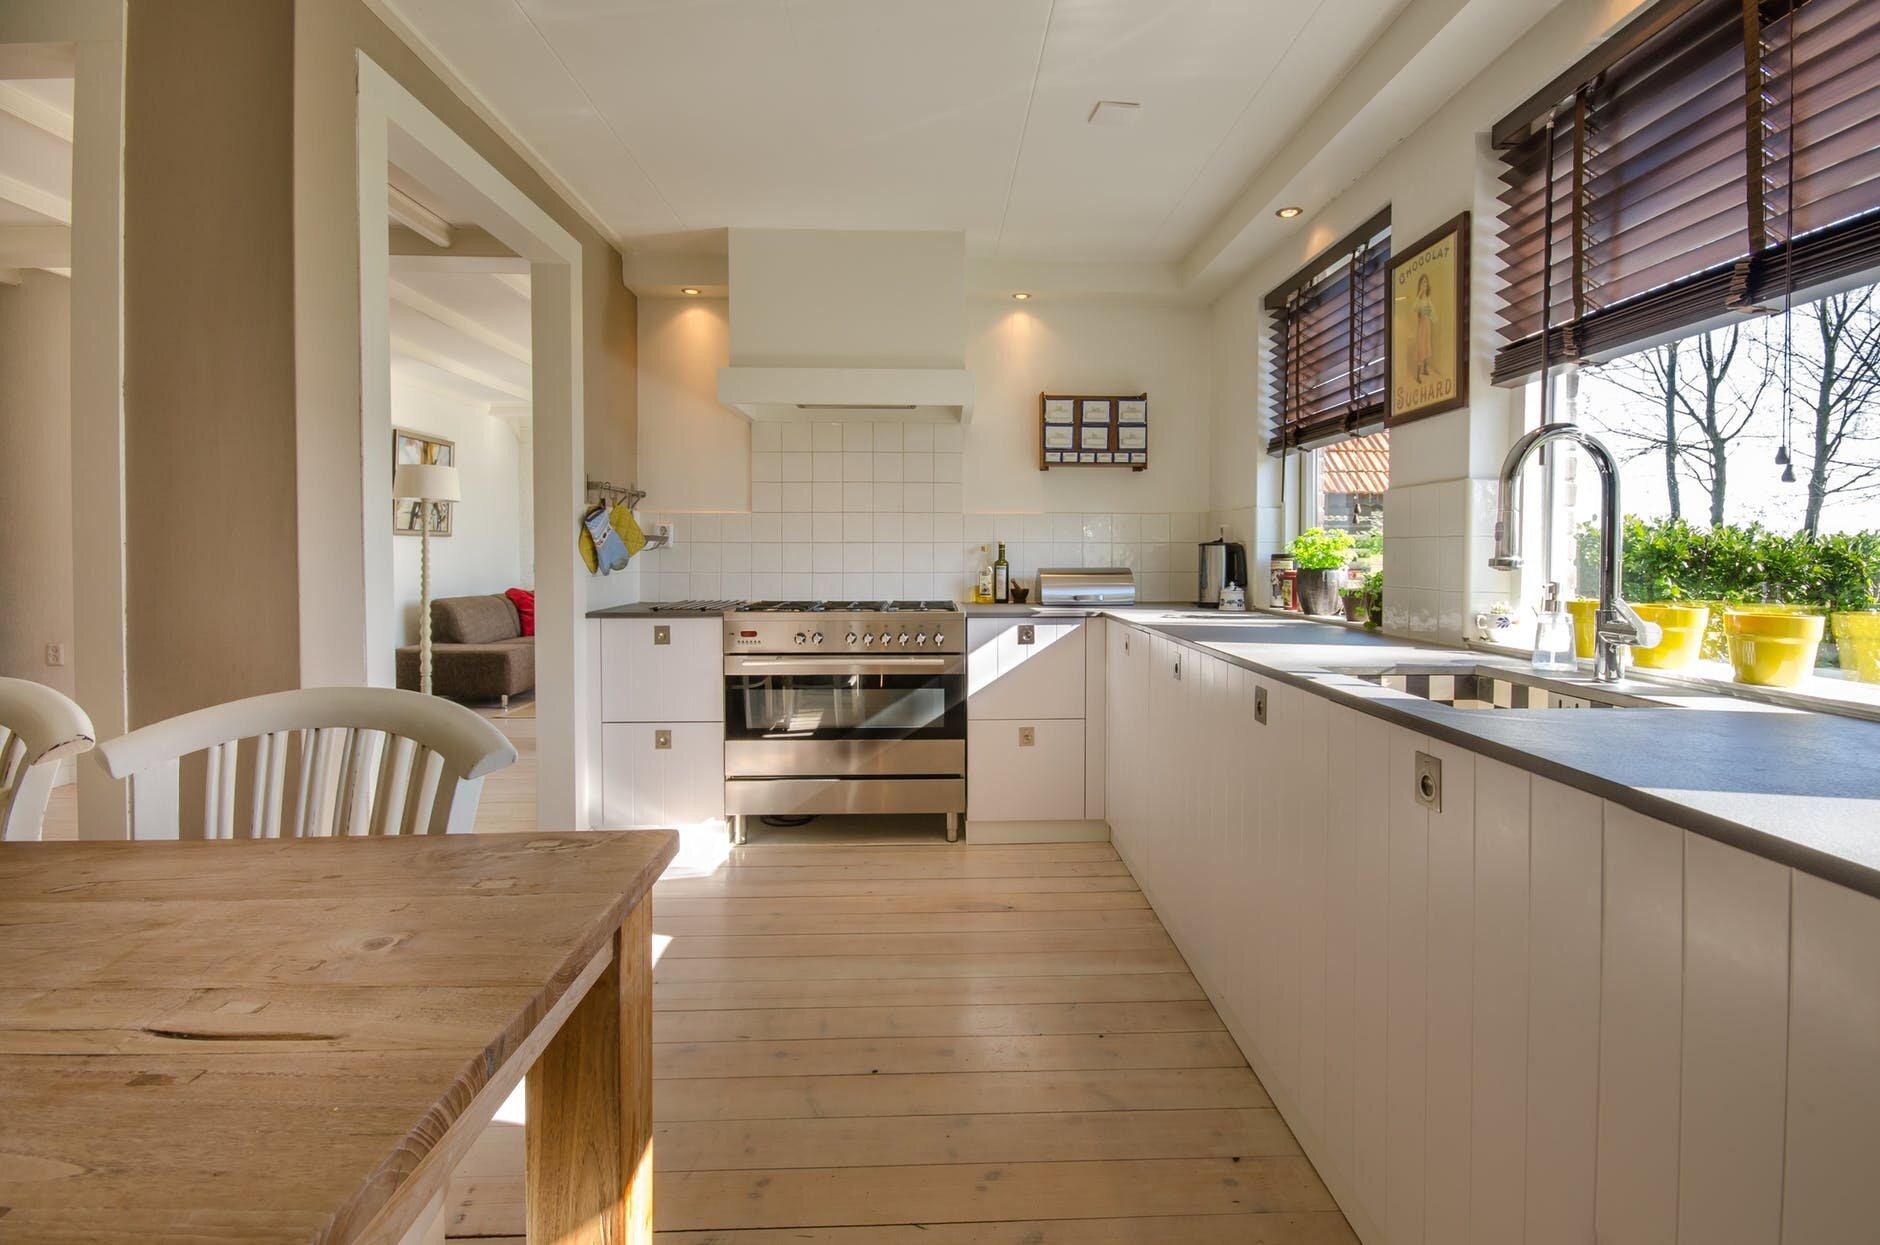 kitchen-stove-sink-kitchen-counter-349749.jpg